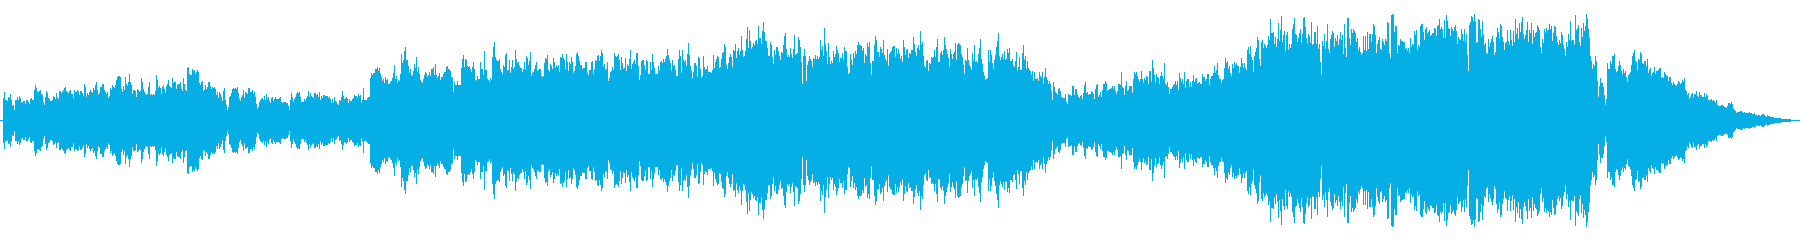 バイオリンポップス ビート&メロディアスの再生済みの波形